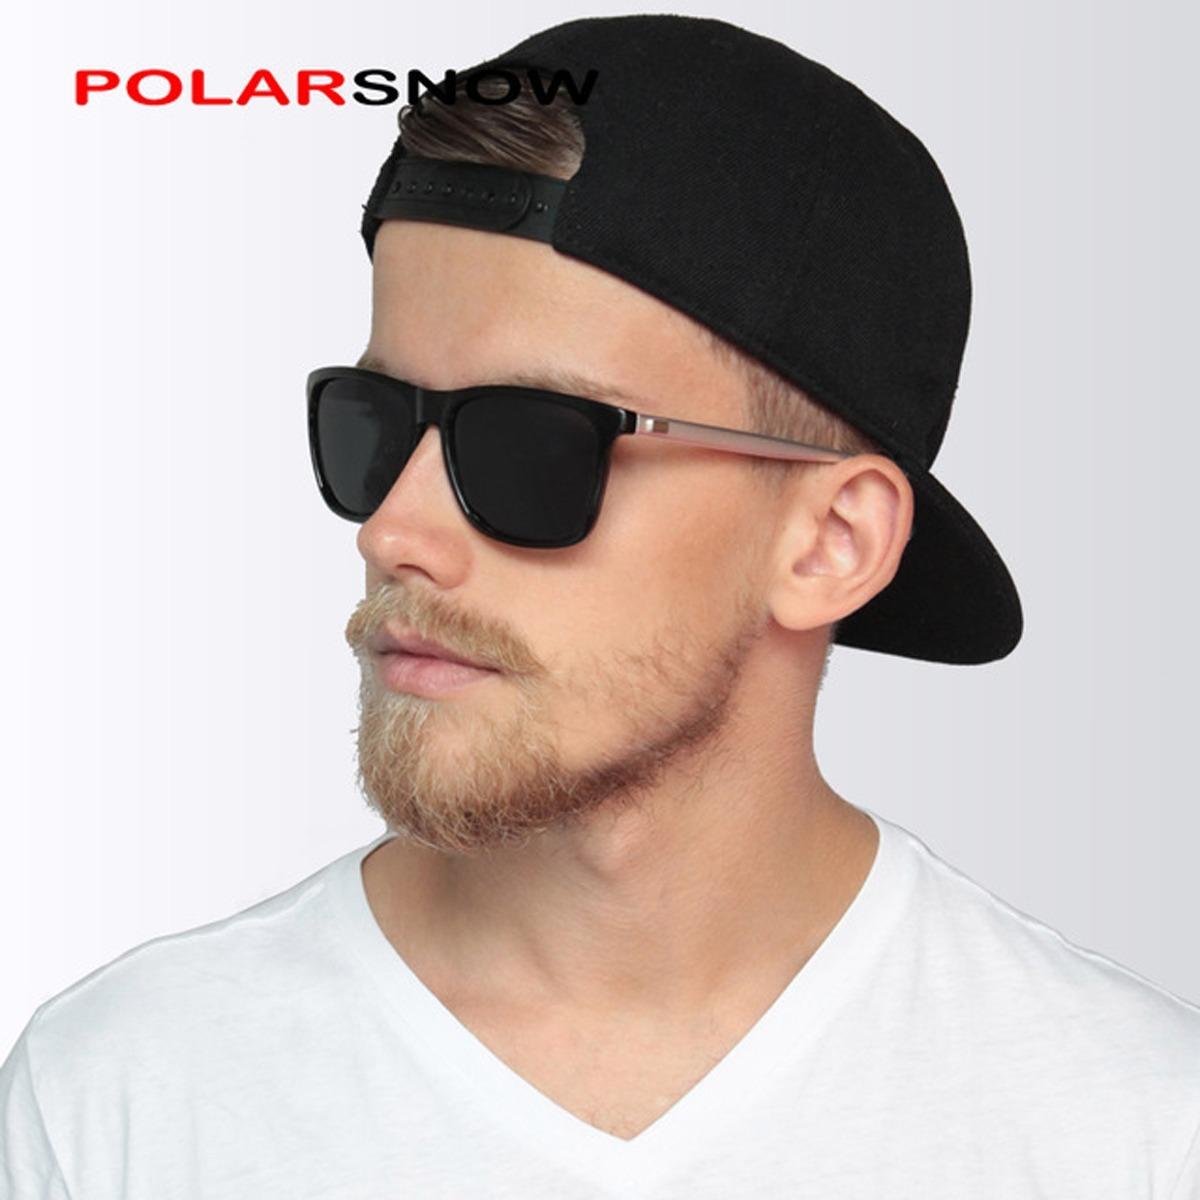 03cadac16c838 oculos de sol espelhado masculino p8961 metal redondo barato. Carregando  zoom.